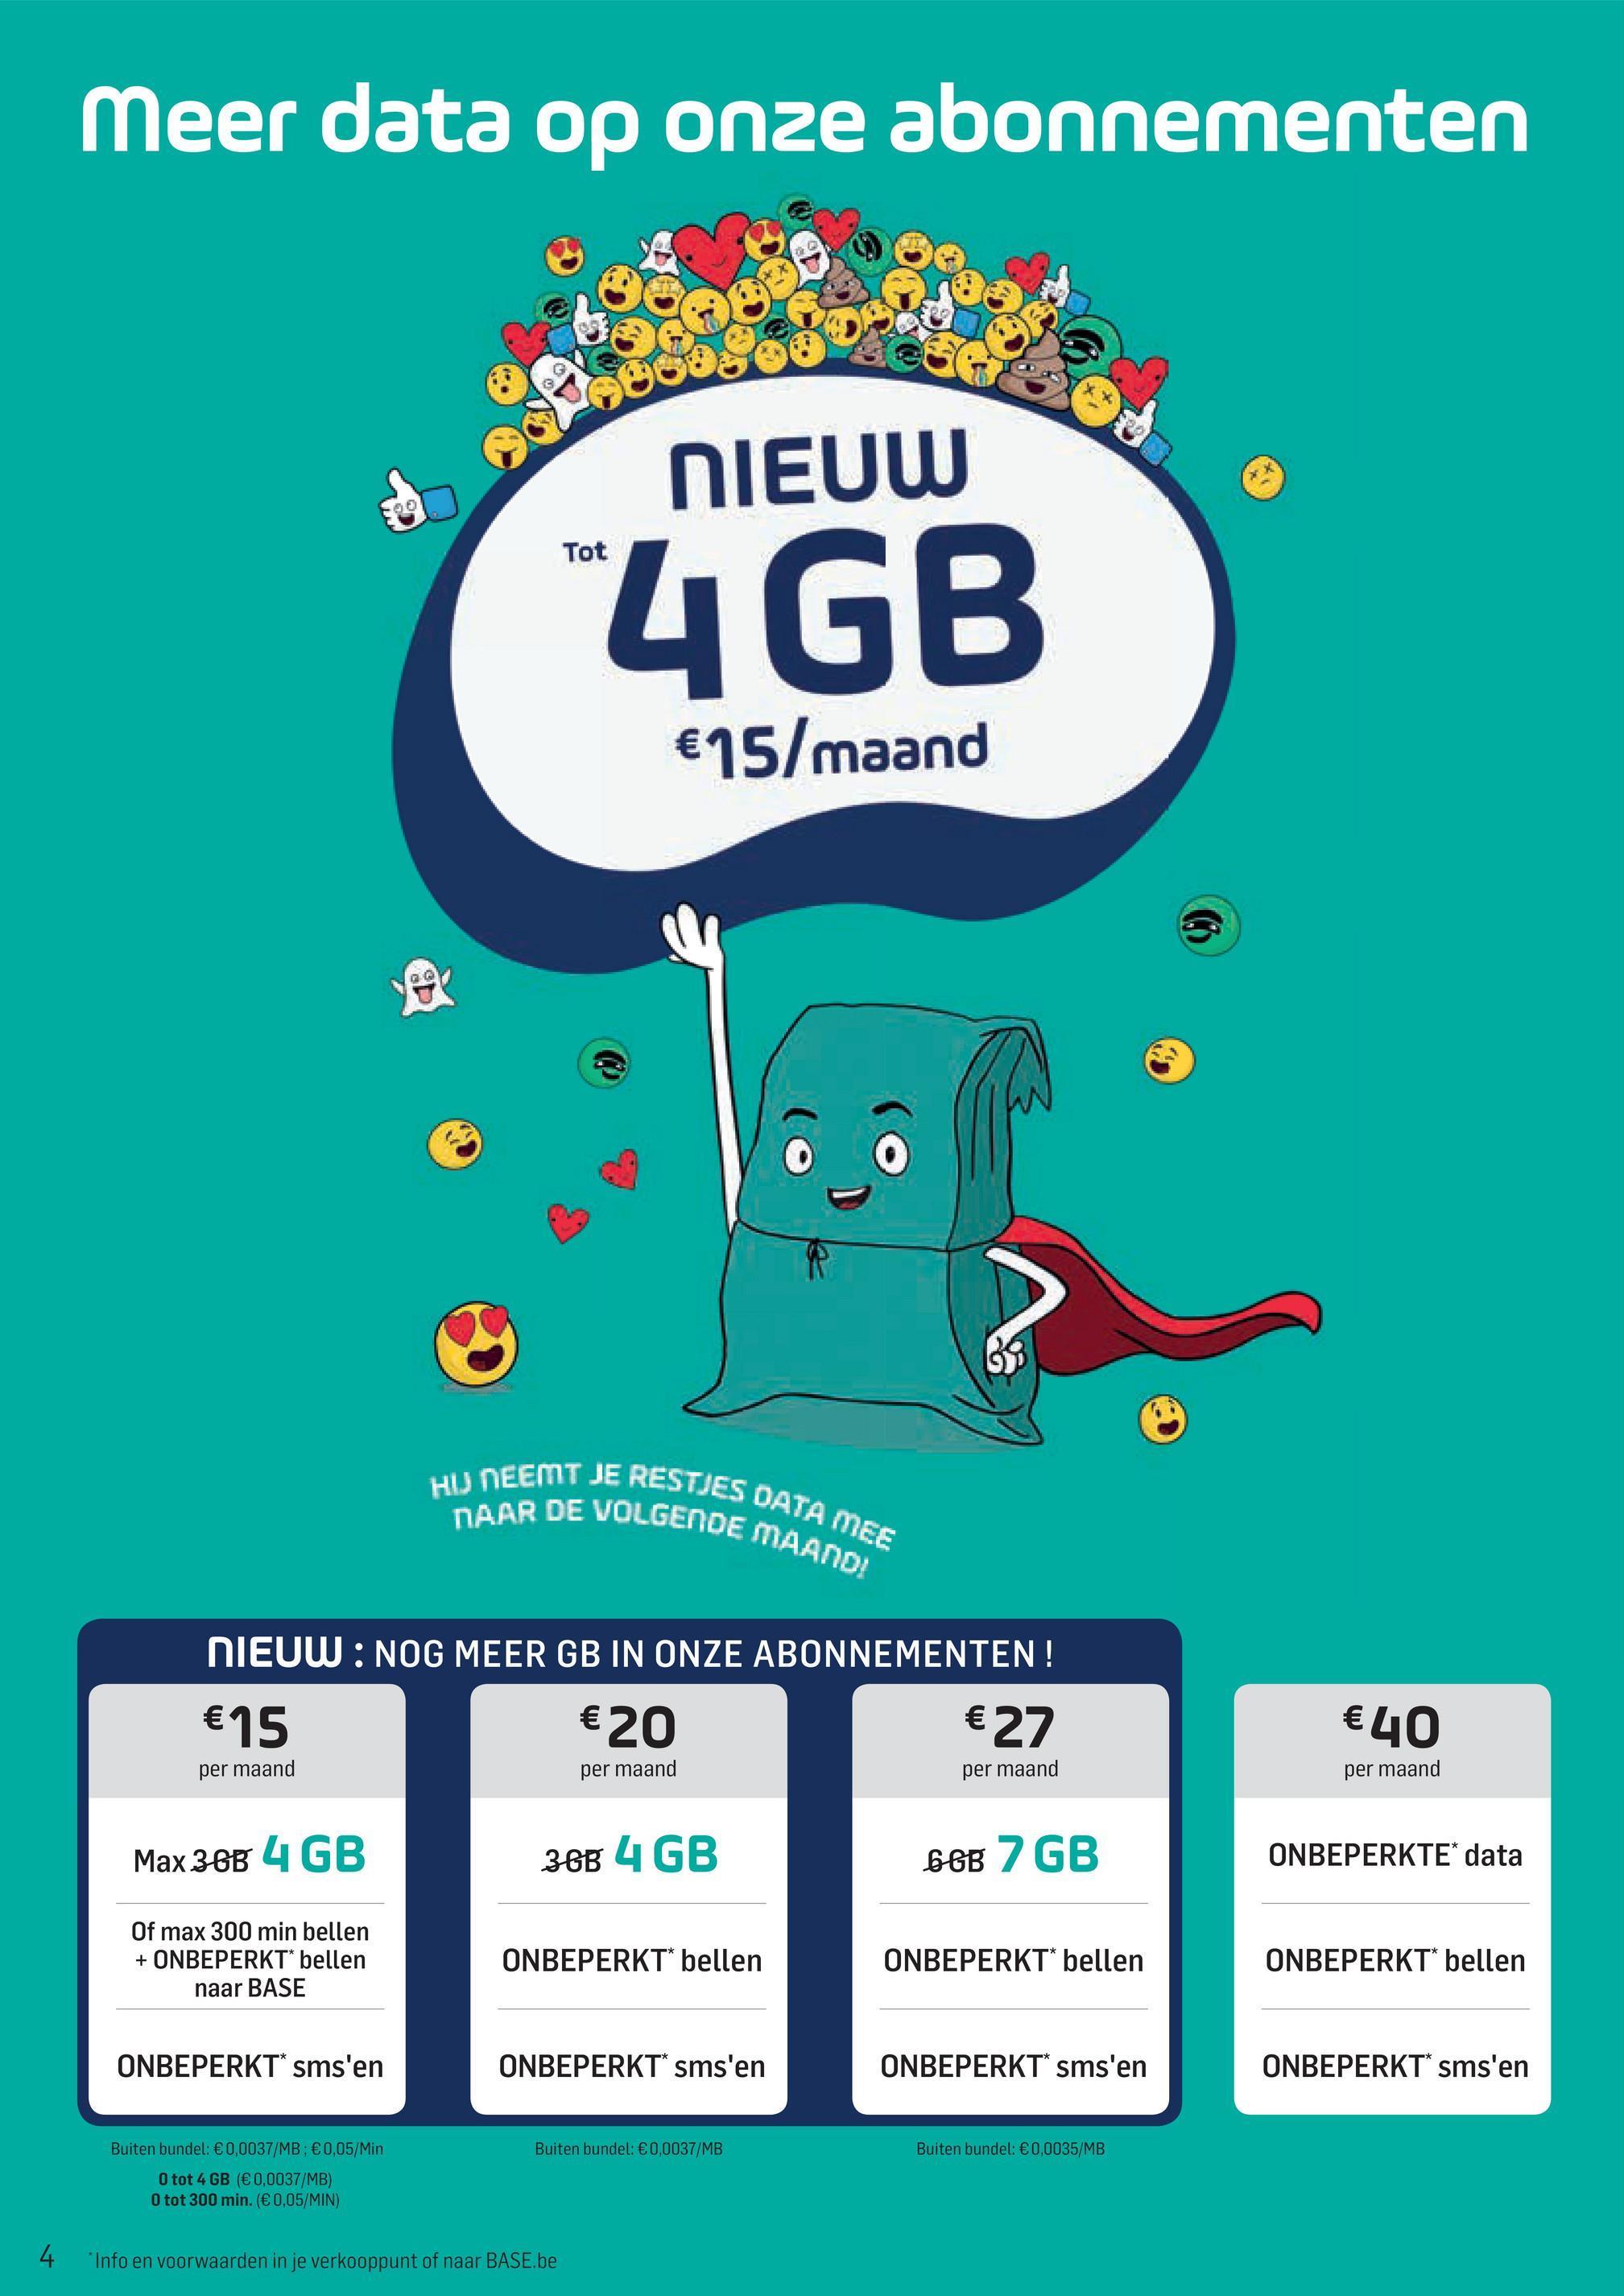 """Meer data op onze abonnementen NIEUW Tot """"4 GB €15/maand HU NEEMT JE RESTIE IES DATA MEE ENDE MAAND! DAAR DE VOLGENDE NIEUW: NOG MEER GB IN ONZE ABONNEMENTEN! €20 €27 €15 €40 per maand per maand per maand per maand Max 38B 4 GB 38B 4 GB 66B 2 GB ONBEPERKTE* data Of max 300 min bellen + ONBEPERKT* bellen naar BASE ONBEPERKT* bellen ONBEPERKT* bellen ONBEPERKT* bellen ONBEPERKT* sms'en ONBEPERKT sms'en ONBEPERKT* sms'en ONBEPERKT sms'en Buiten bundel: €0,0037/MB Buiten bundel: €0,0035/MB Buiten bundel: €0,0037/MB: €0,05/Min O tot 4 GB (€ 0,0037/MB) O tot 300 min. (€0,05/MIN) 4 Info en voorwaarden in je verkooppunt of naar BASE.be"""